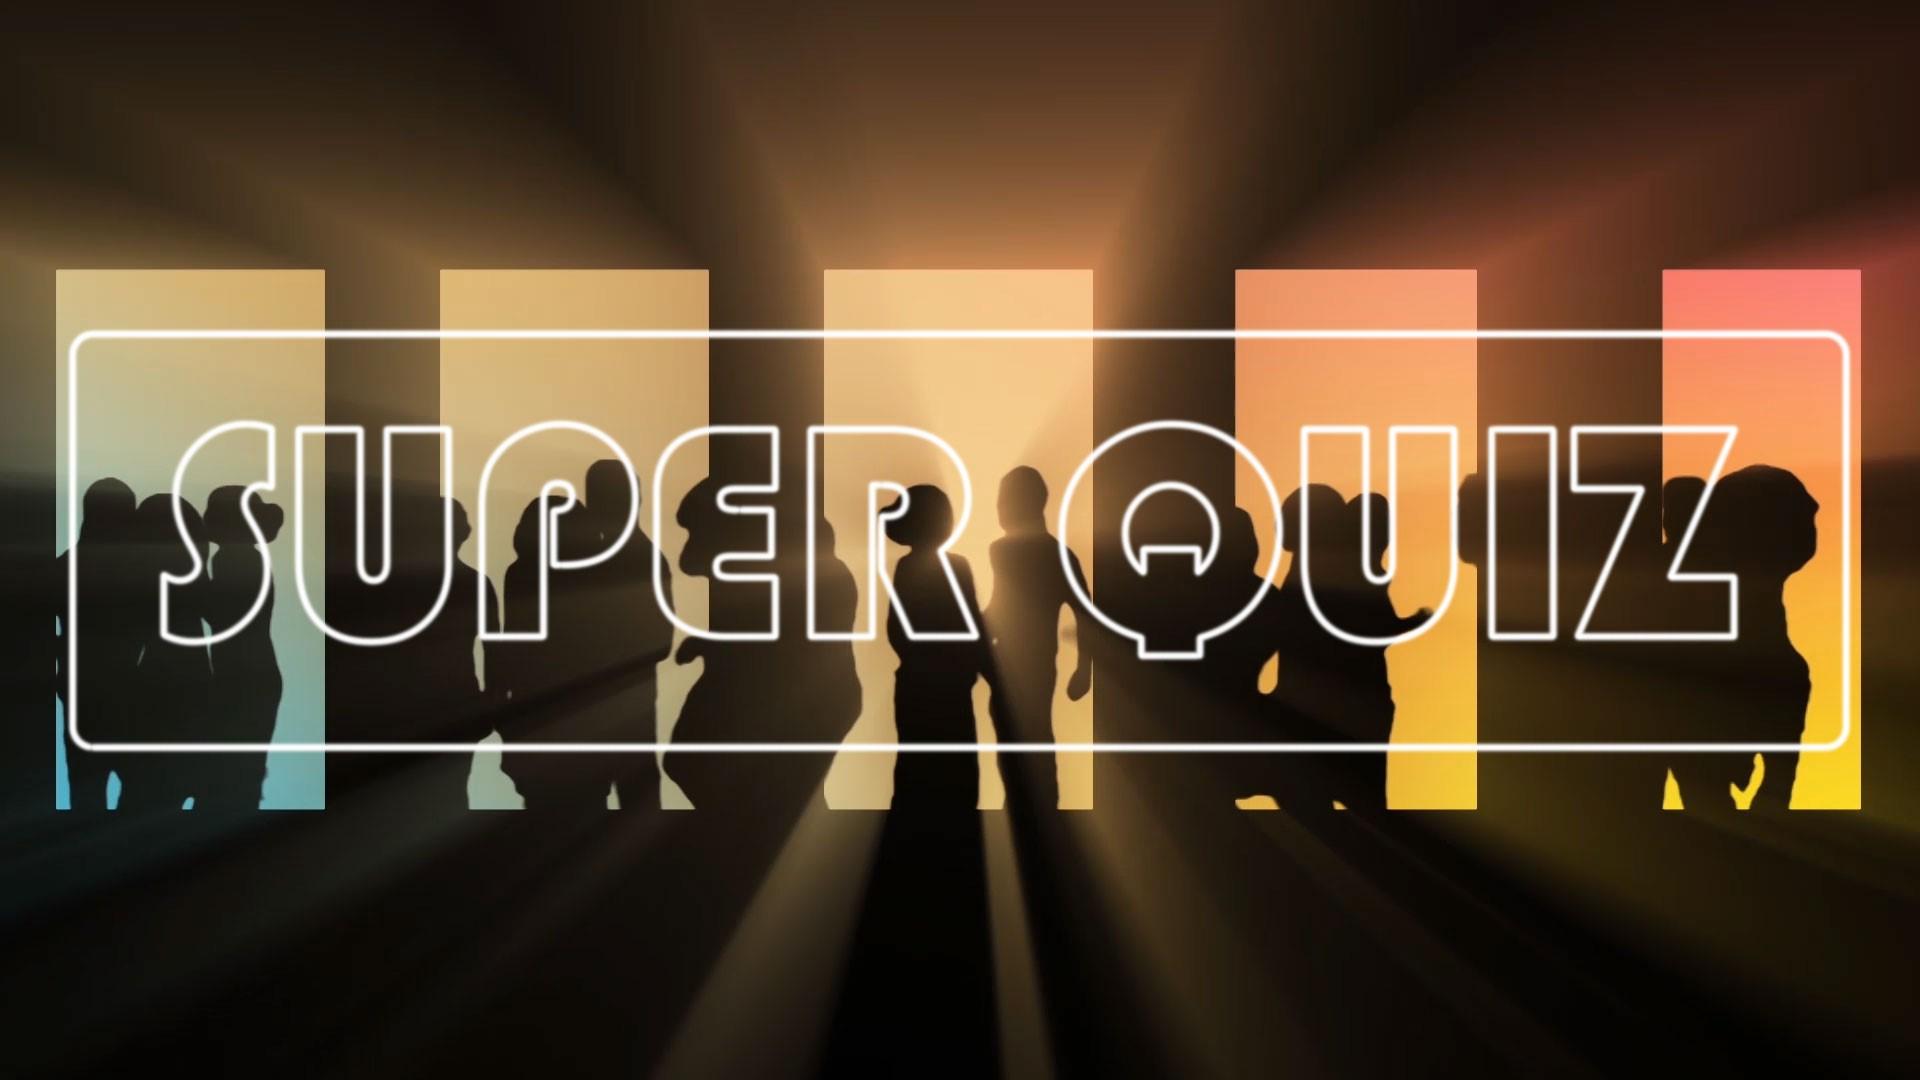 Super Quiz «Super Quiz» Está De Volta À Tvi